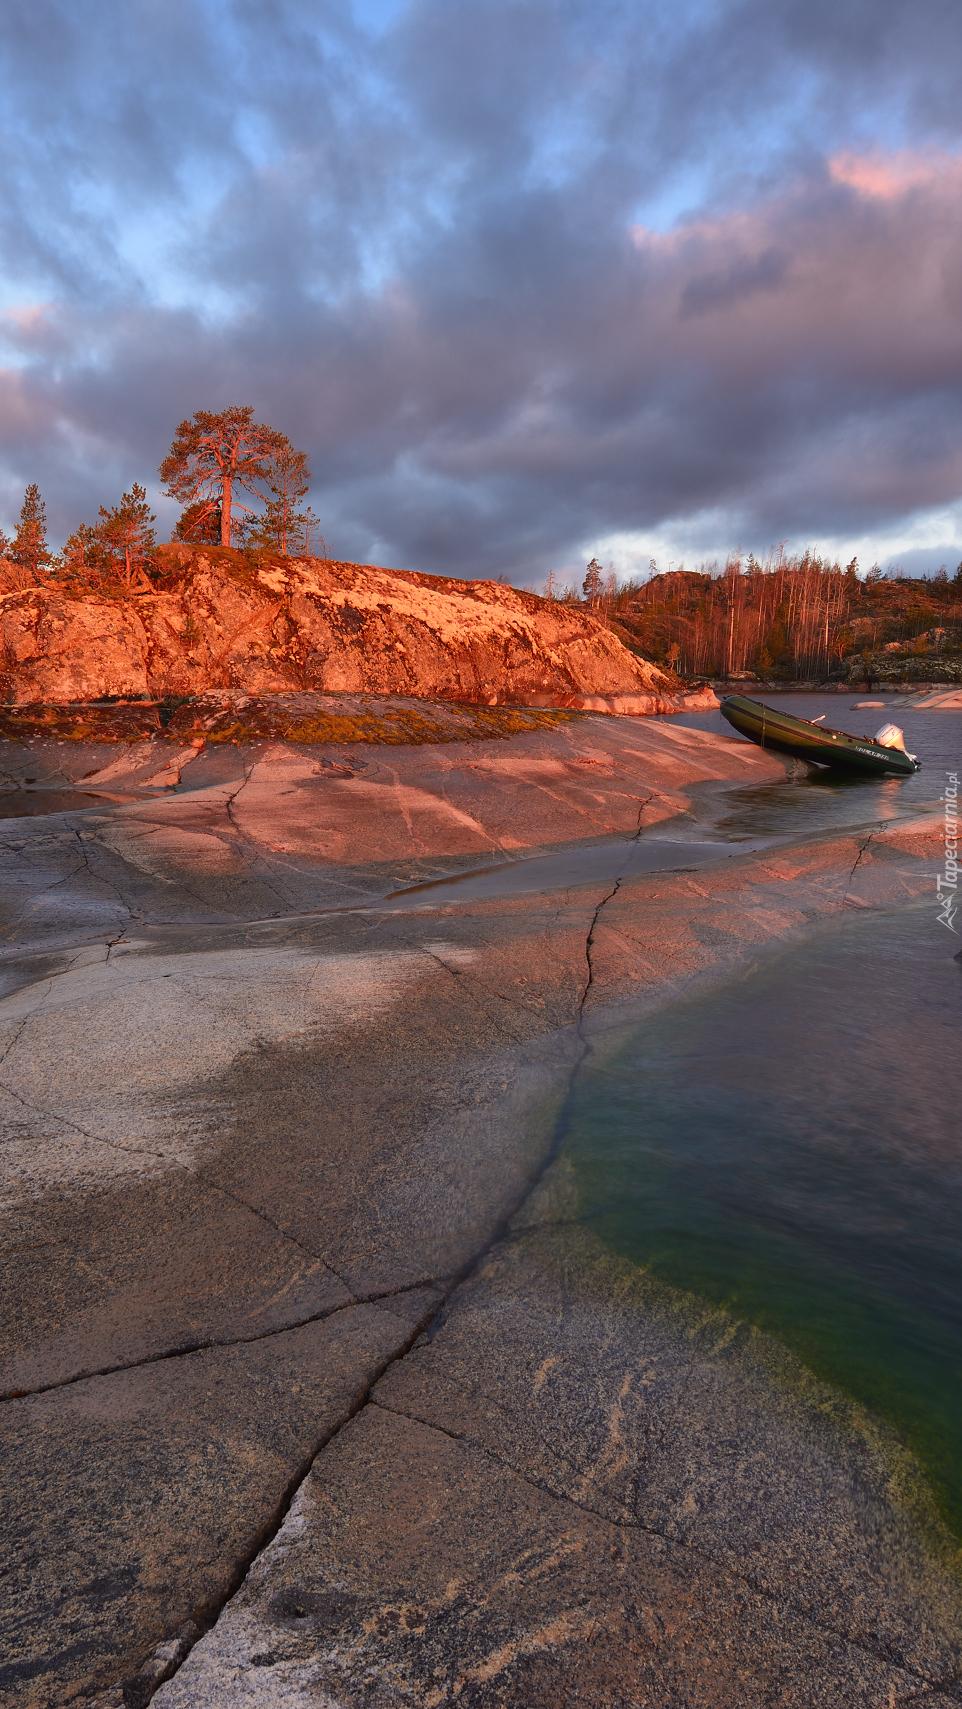 Łódka przy skale na jeziorze Ładoga